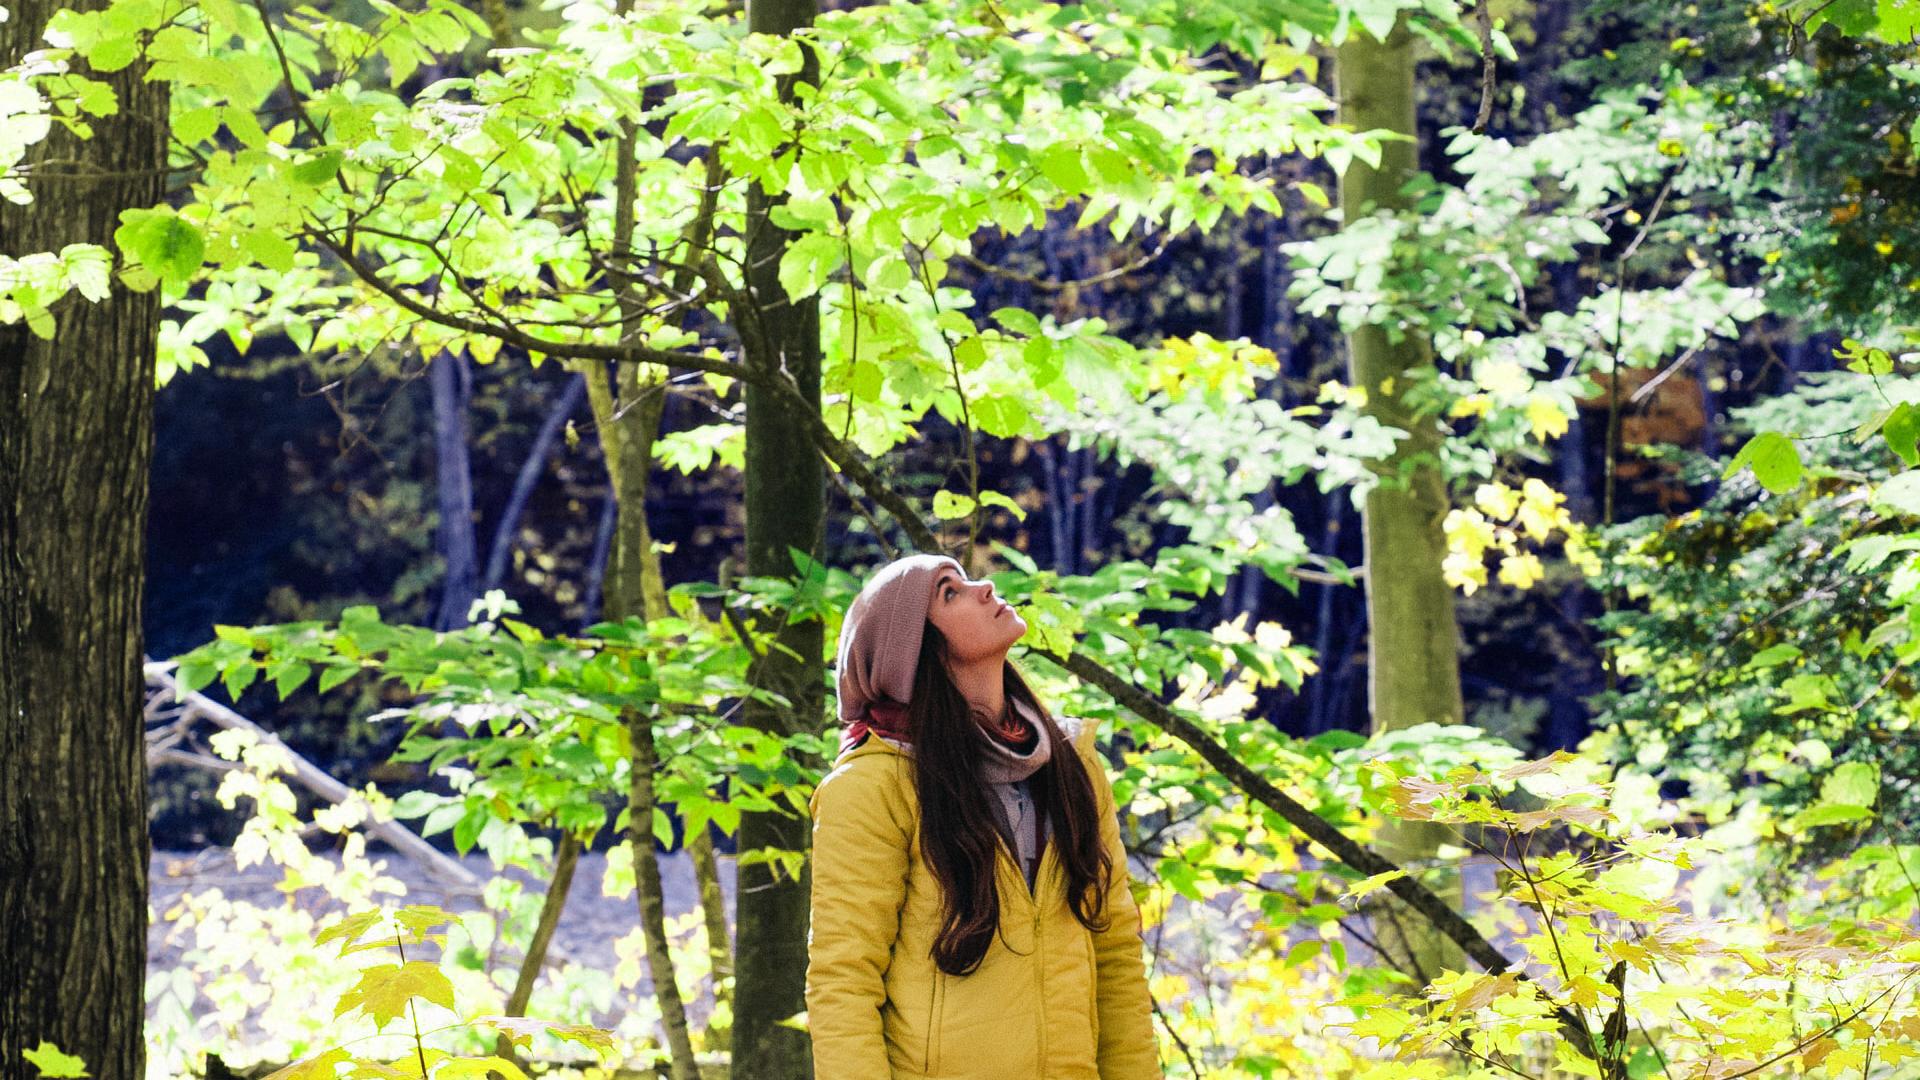 Waldbesitzerin schaut kritisch auf ihren Wald